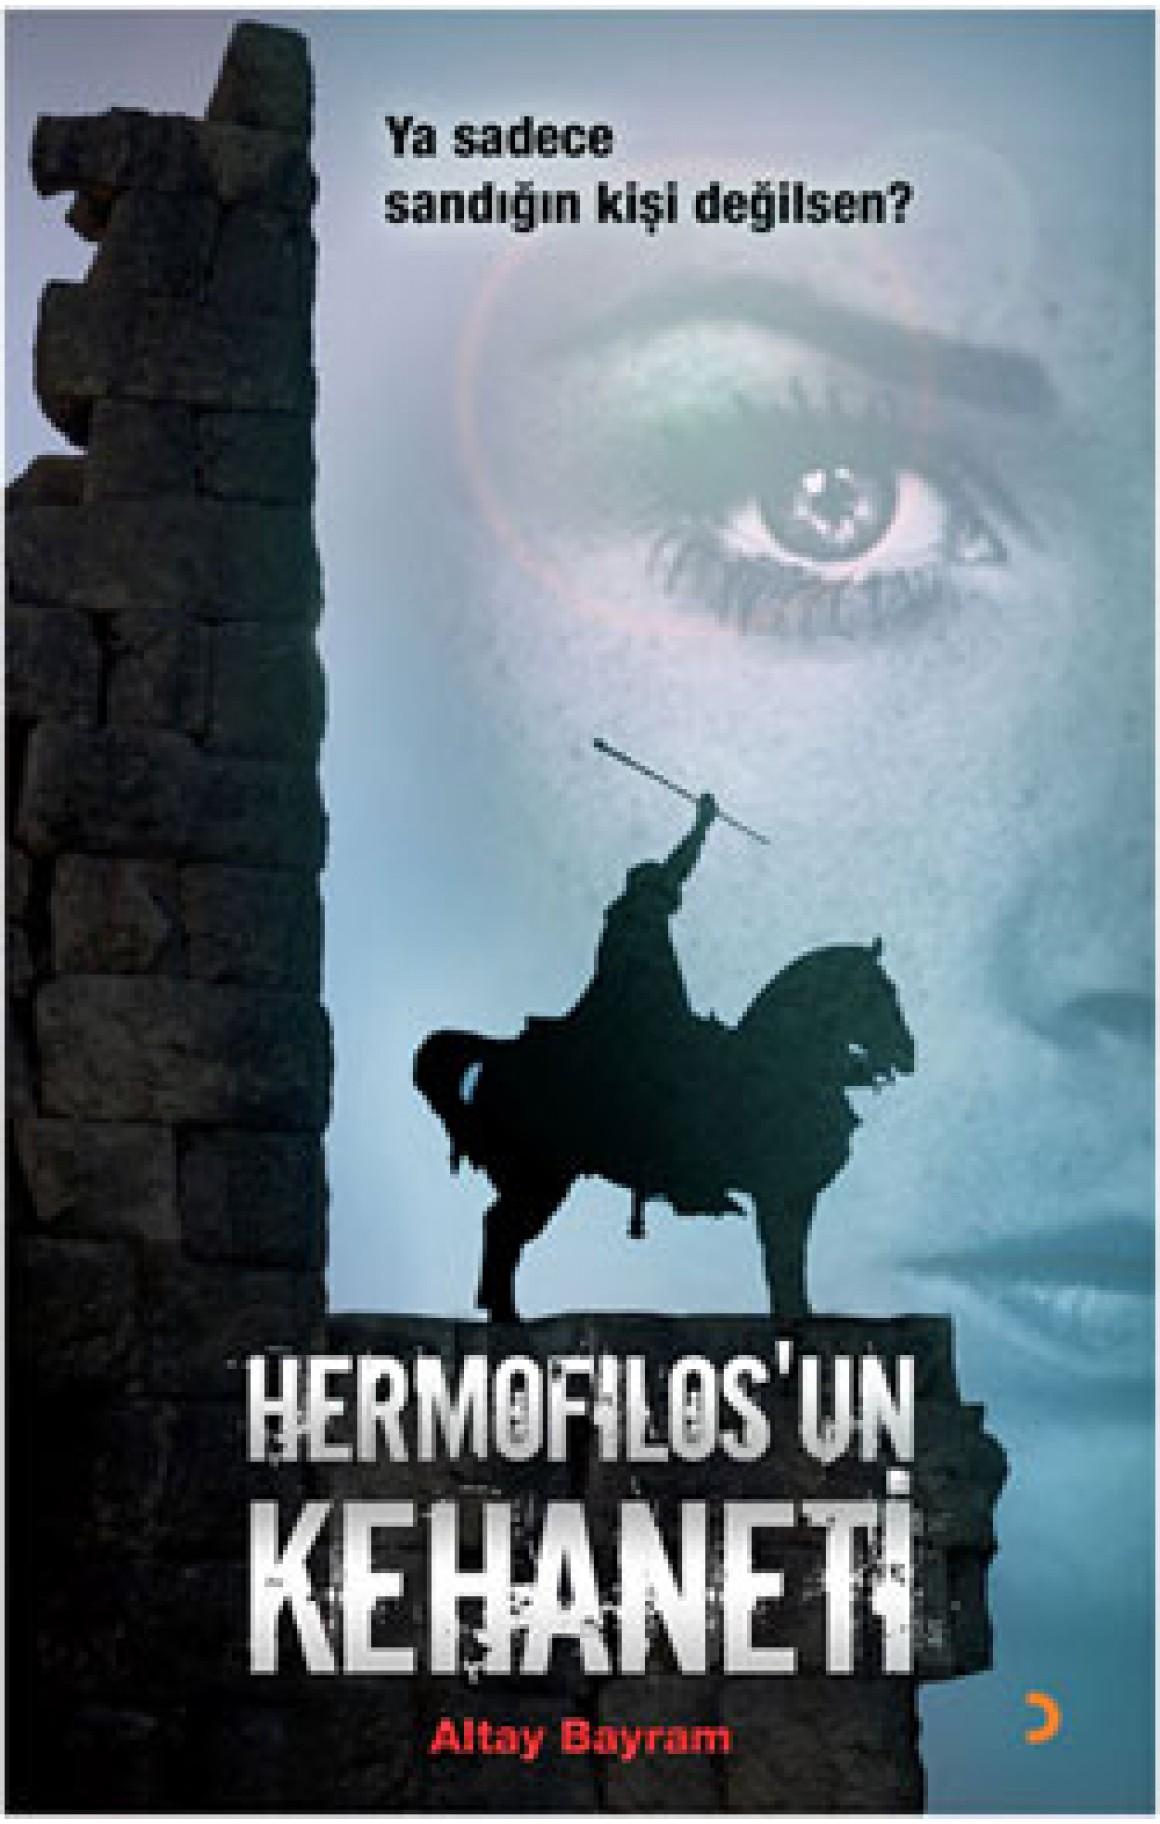 Hermofilosun Kehaneti